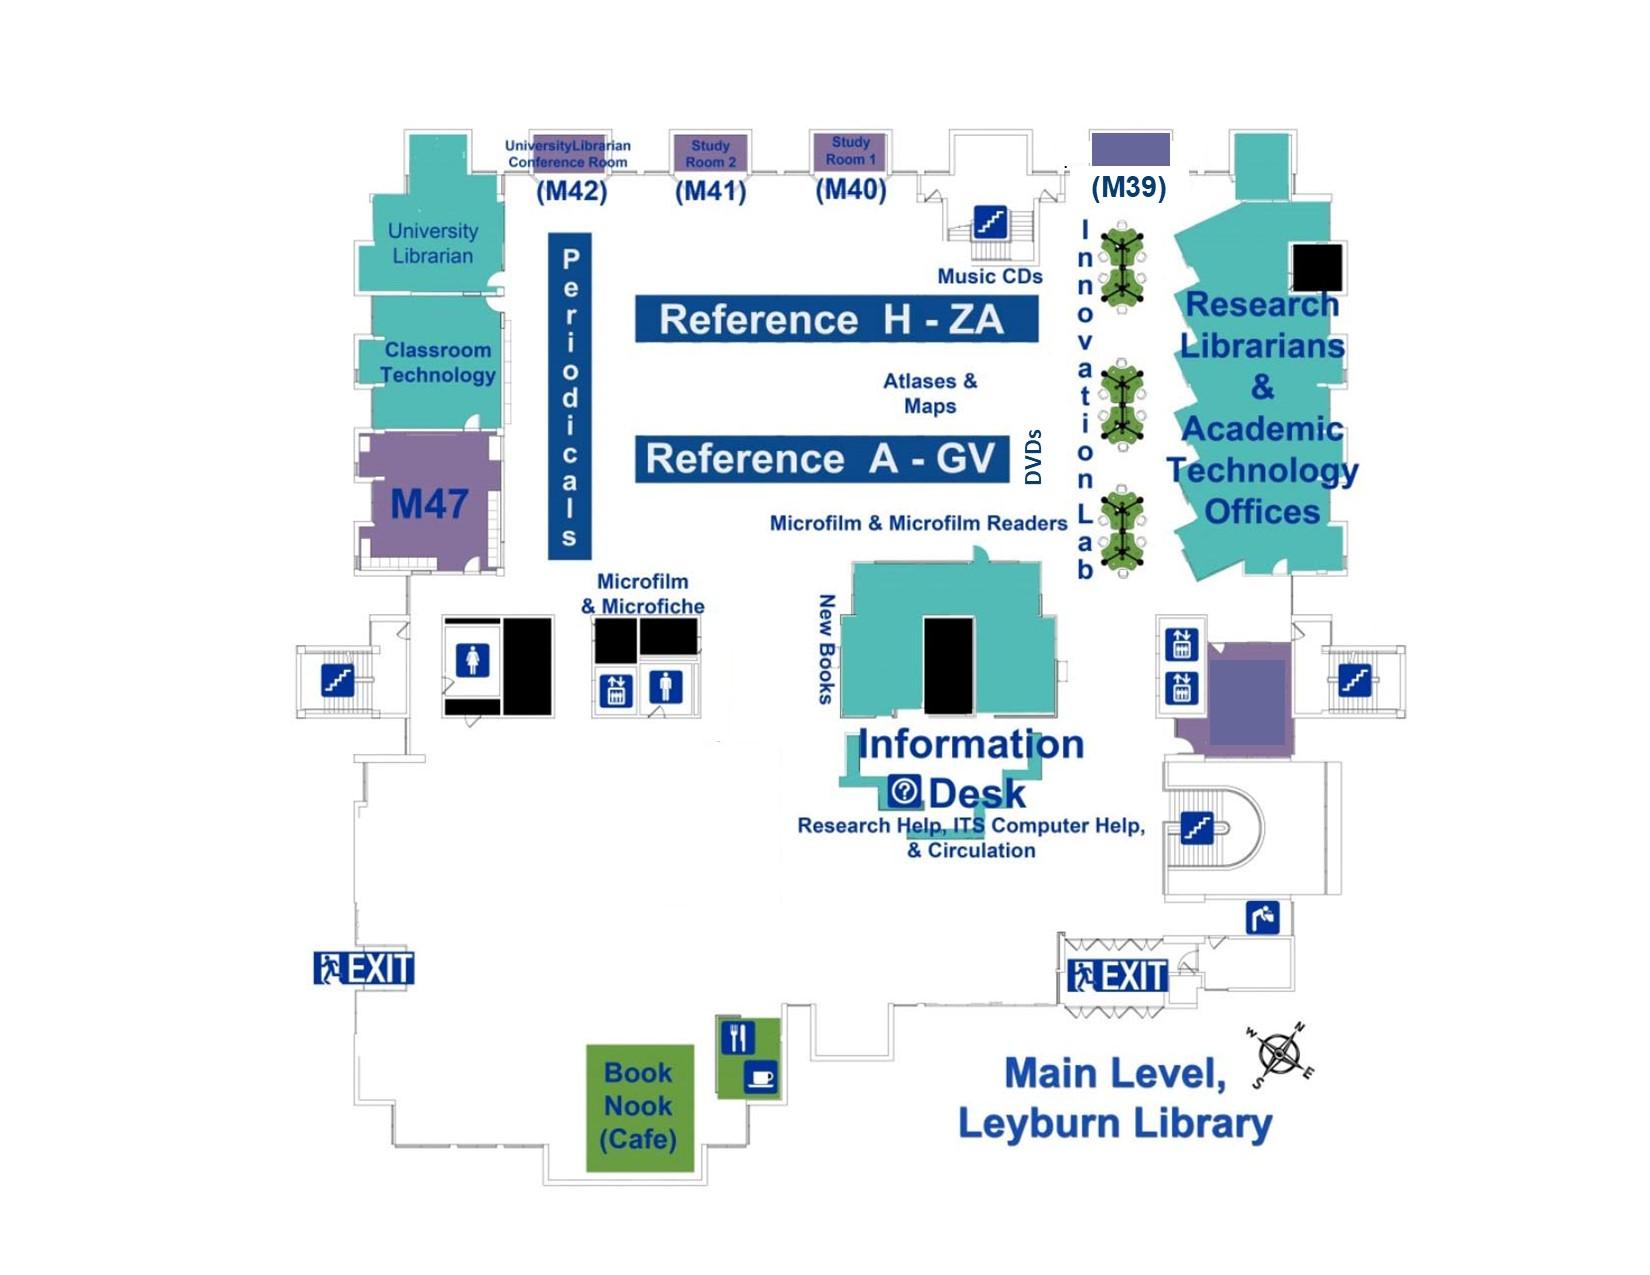 Leyburn Main Level